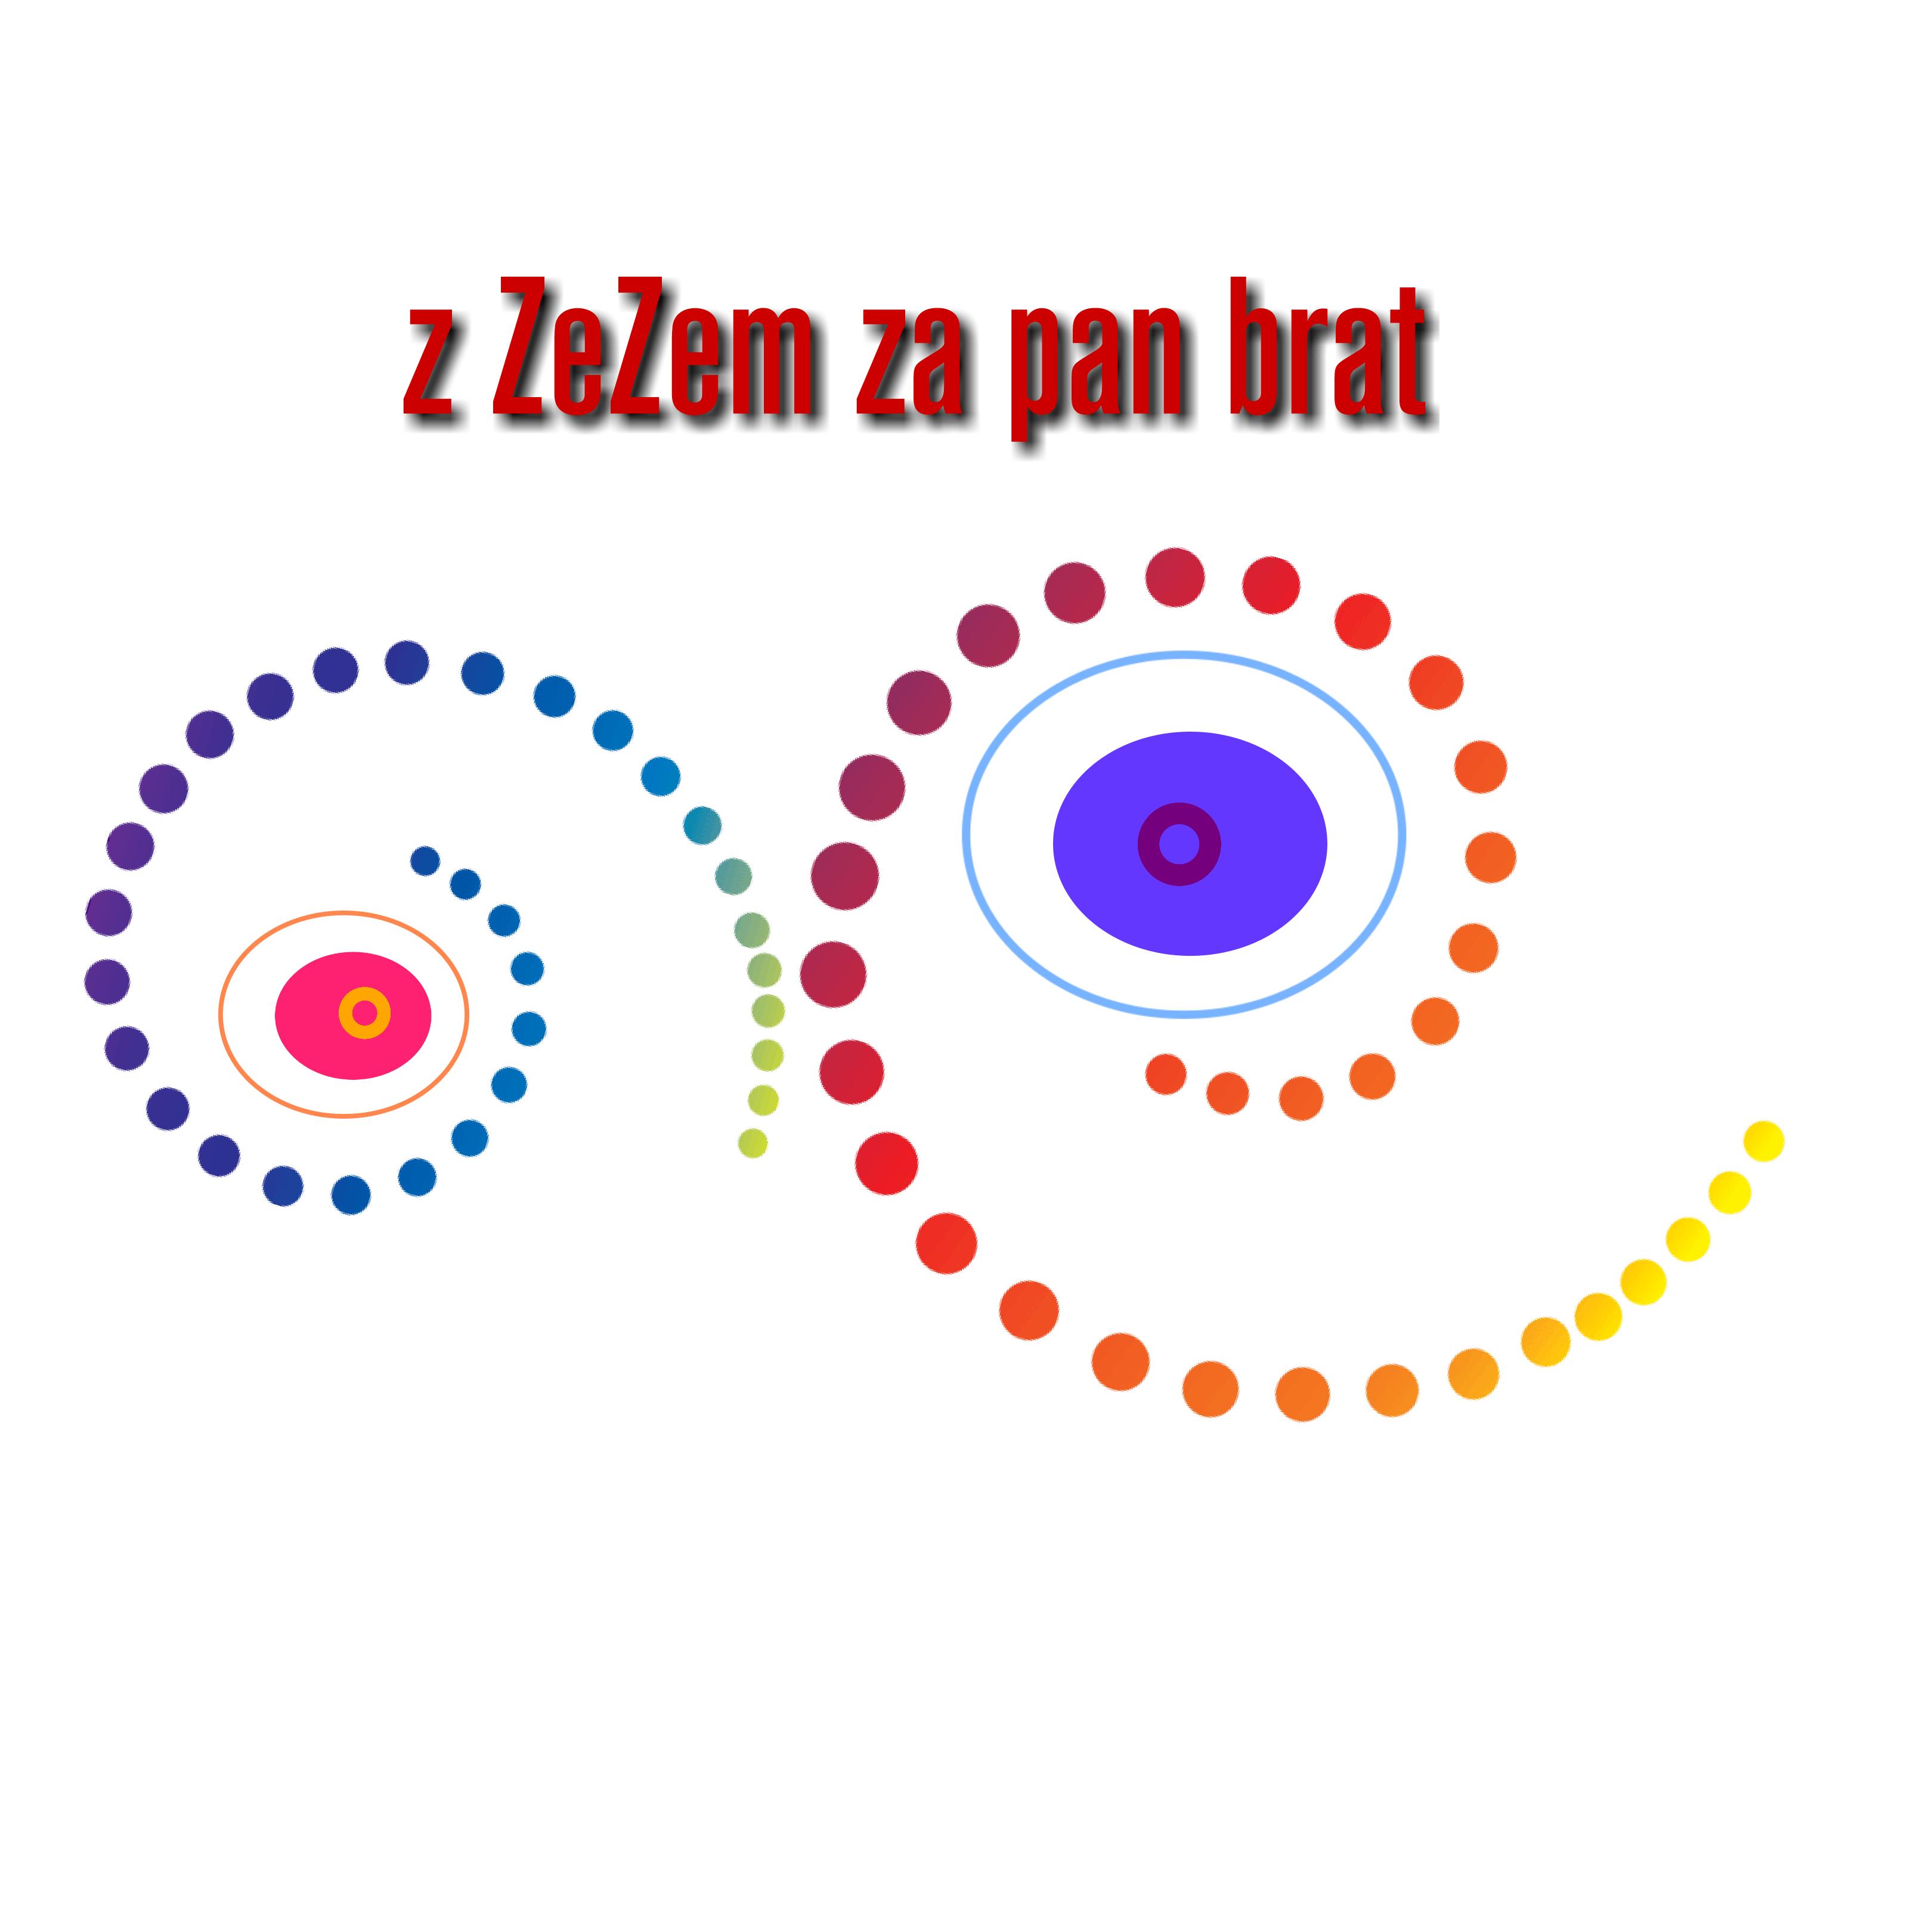 Ortoptysta z ZezEm za pan brat czyli Gabinet Leczenia ZezA i Niedowidzenia